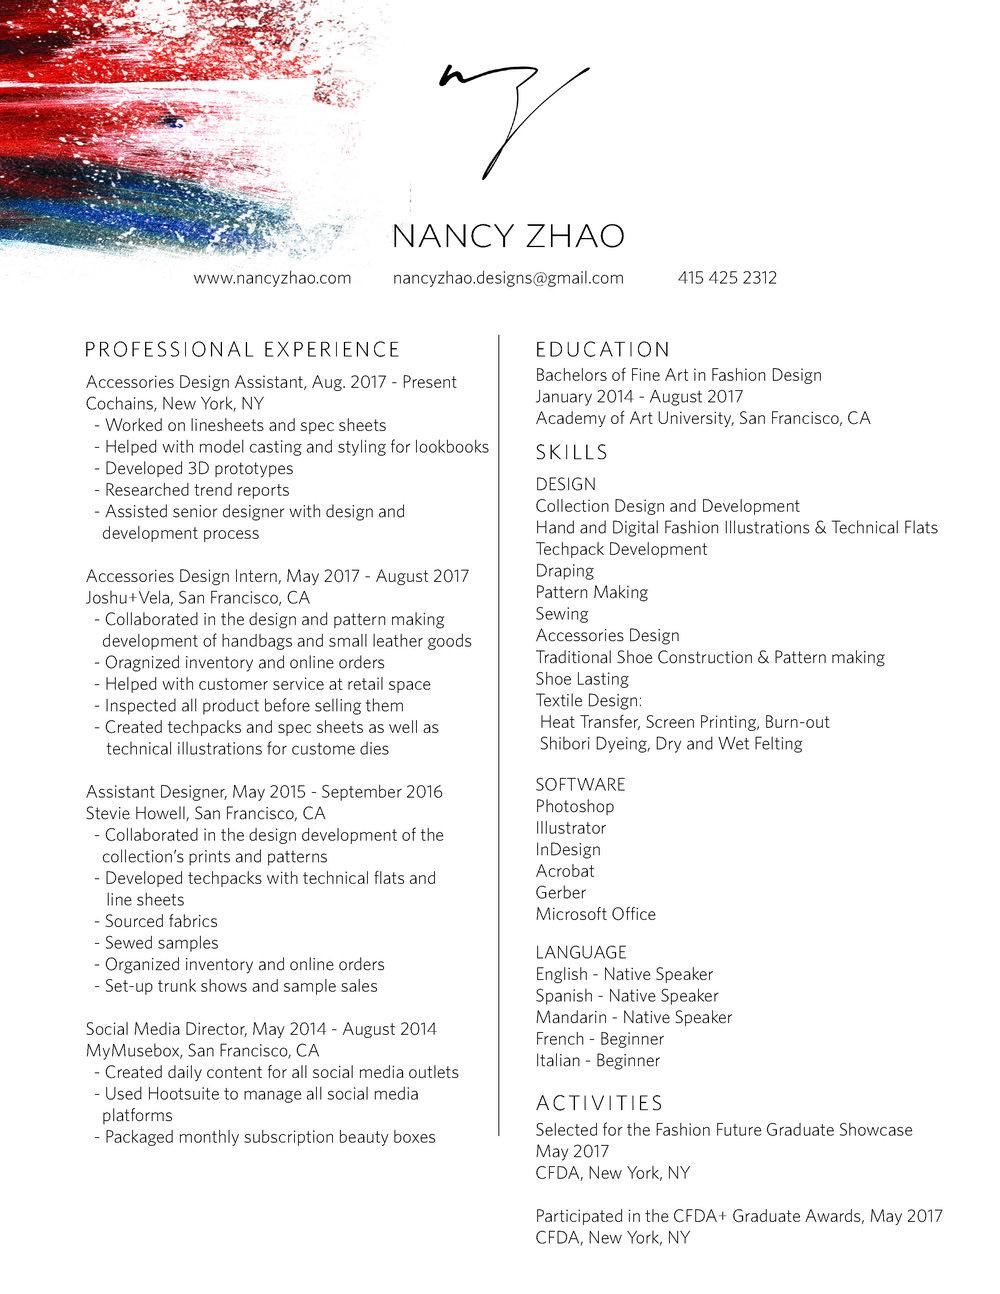 resume-online.jpg